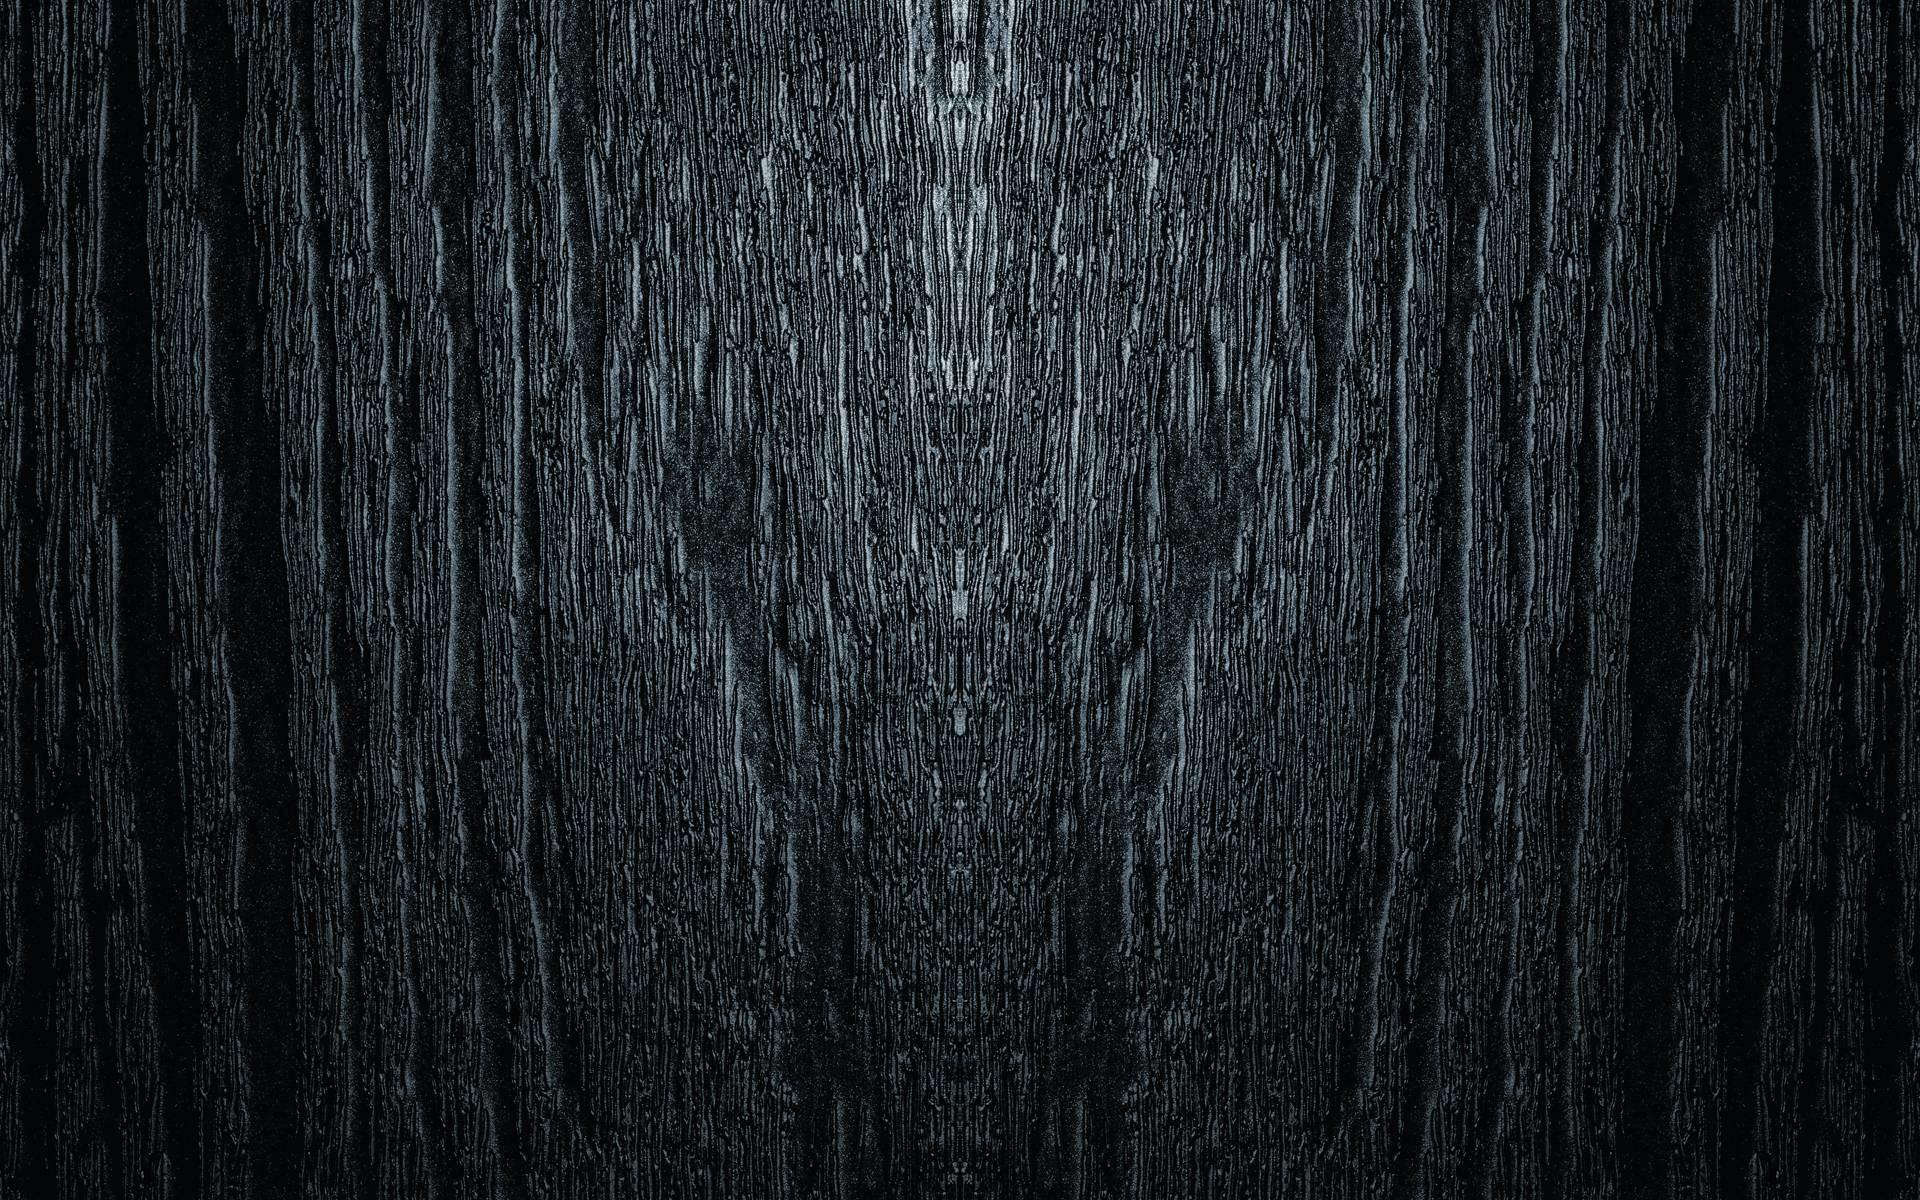 Dark Woods Wallpapers – Wallpaper Cave